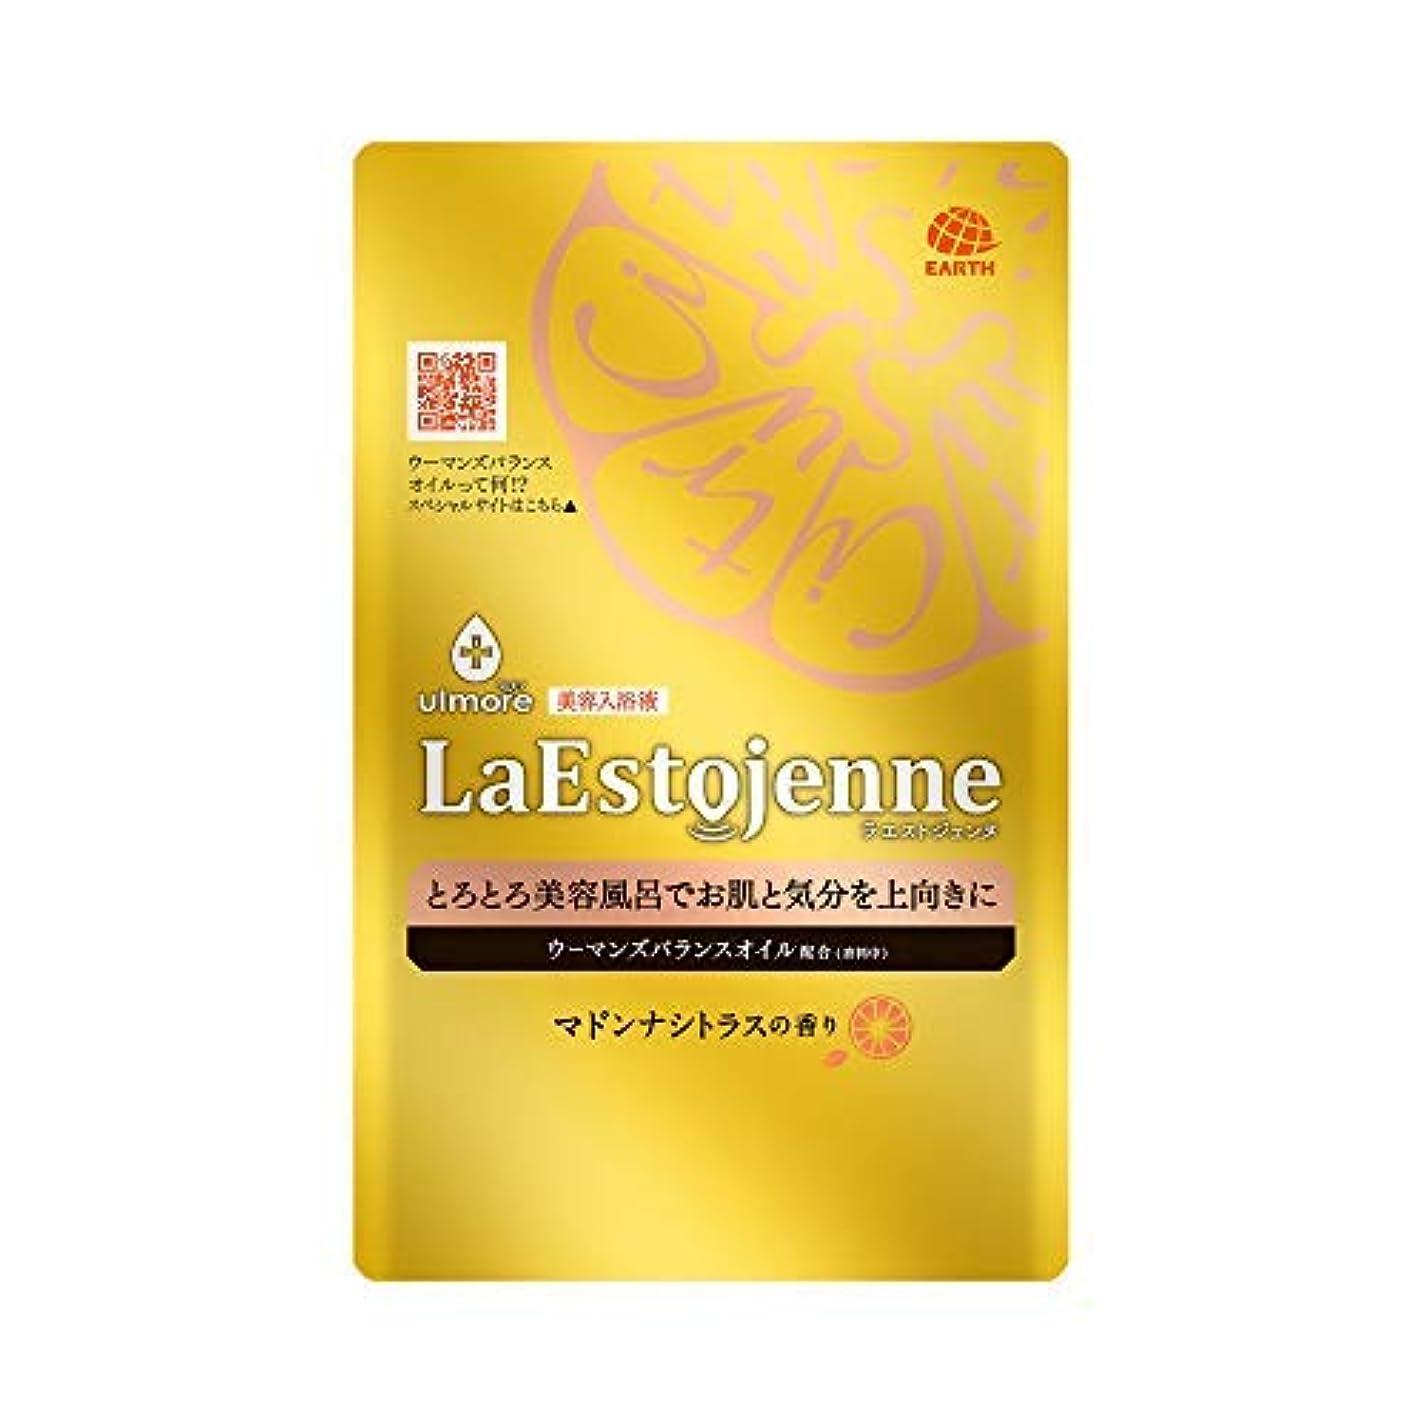 スポーツマンいたずら信頼ウルモア ラエストジェンヌ マドンナシトラスの香り 1包 × 3個セット